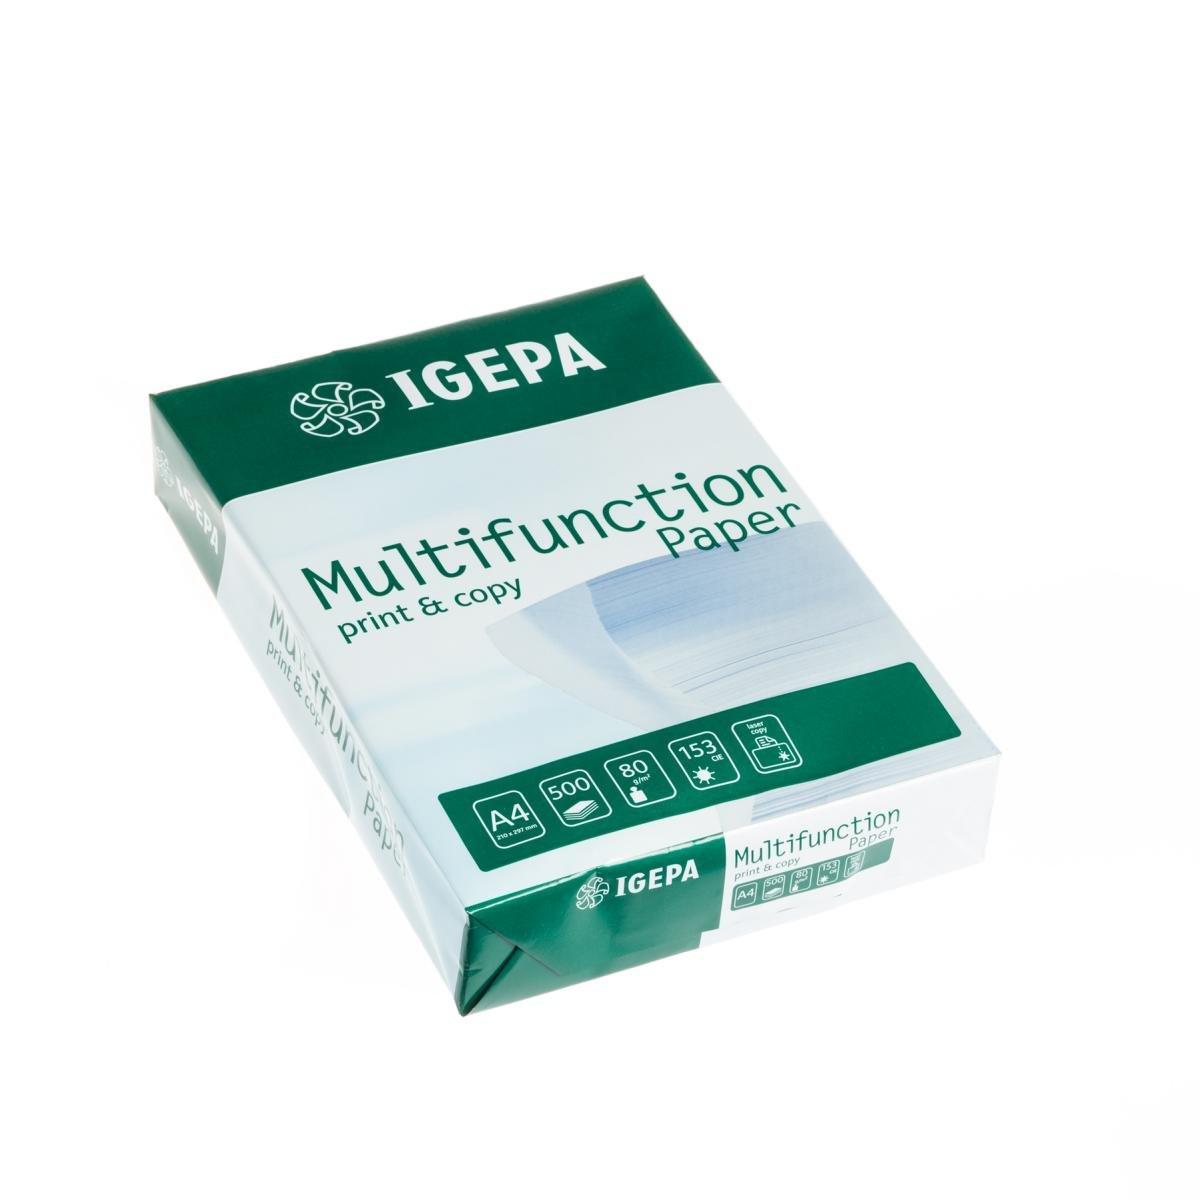 Igepa Multifunction Paper DIN A4 80 g/m², Blanco 10 Pack de 500 hojas de papel Oficina, 5.000 hojas: Amazon.es: Oficina y papelería